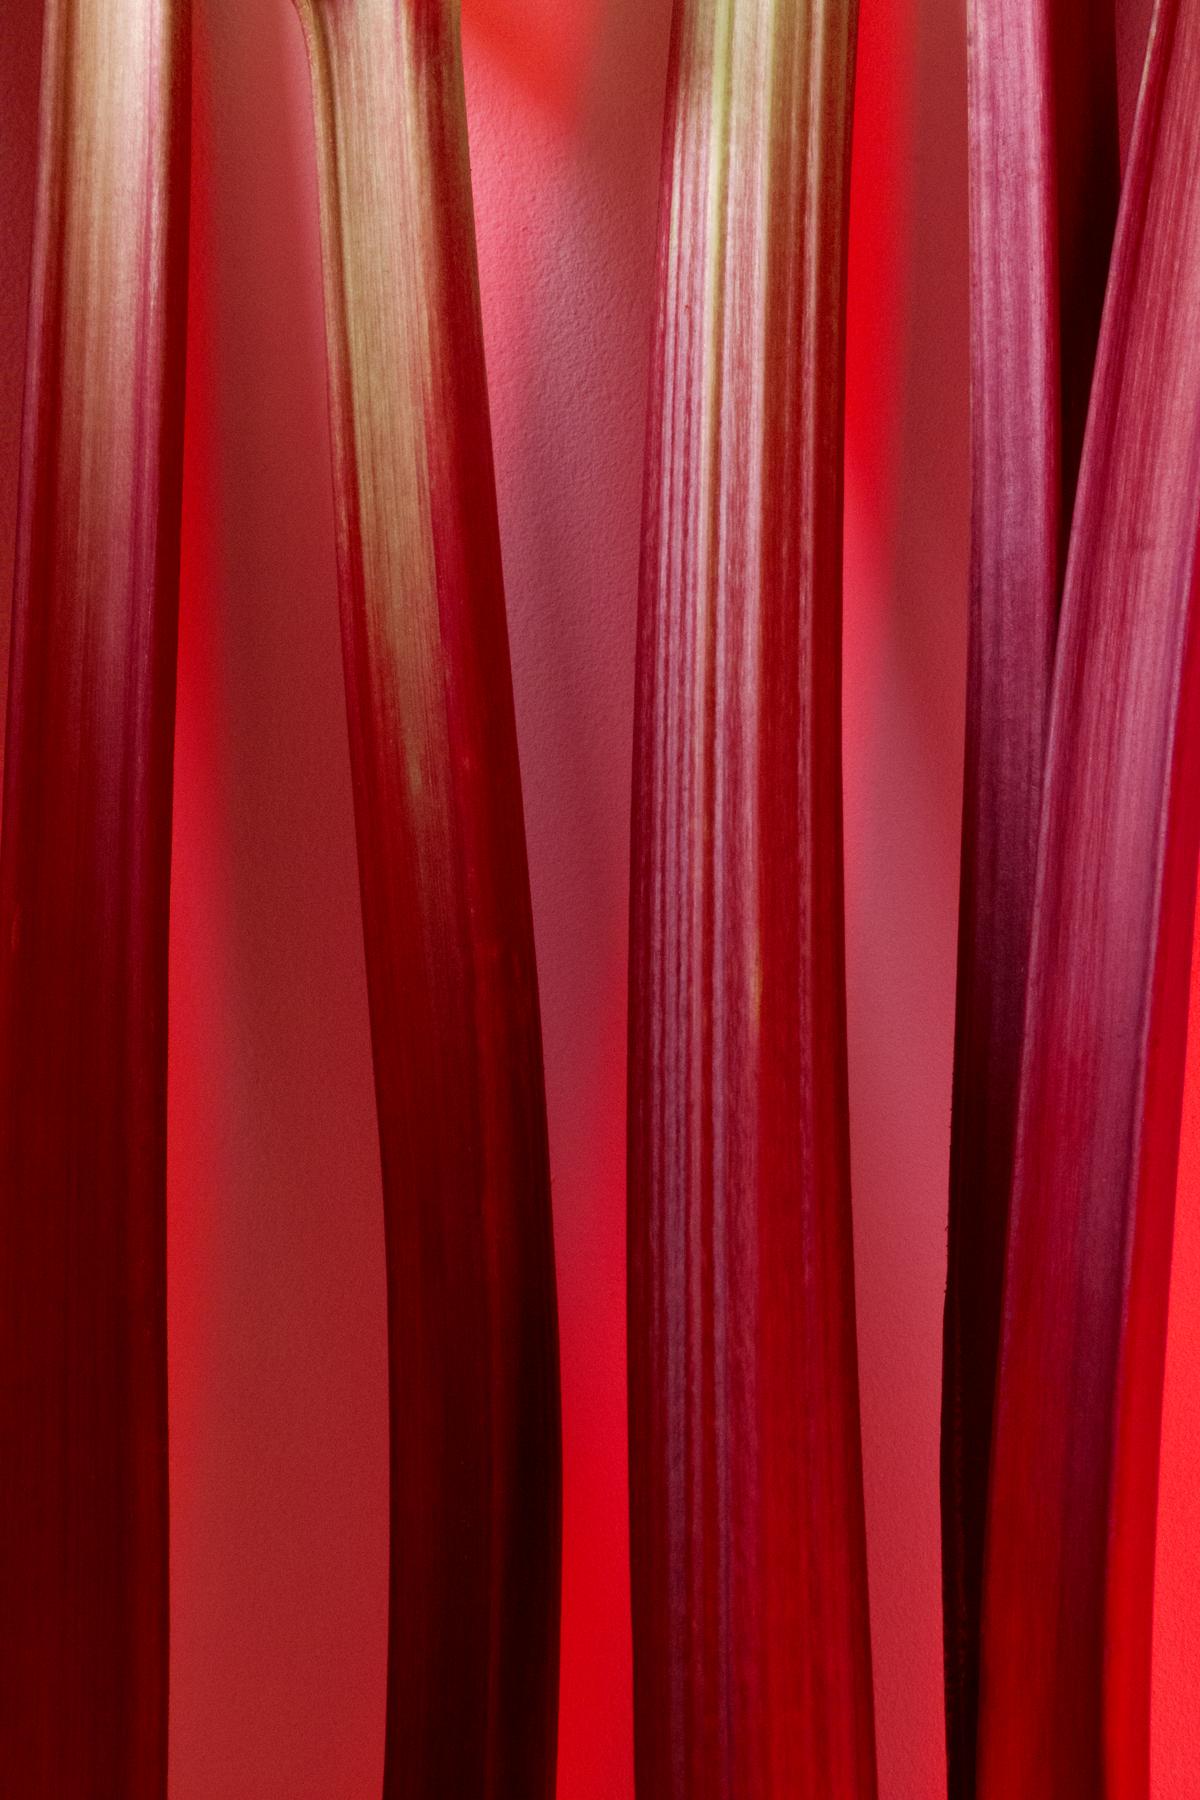 Rhubarb_moodlighting#2_FOODISM360.png